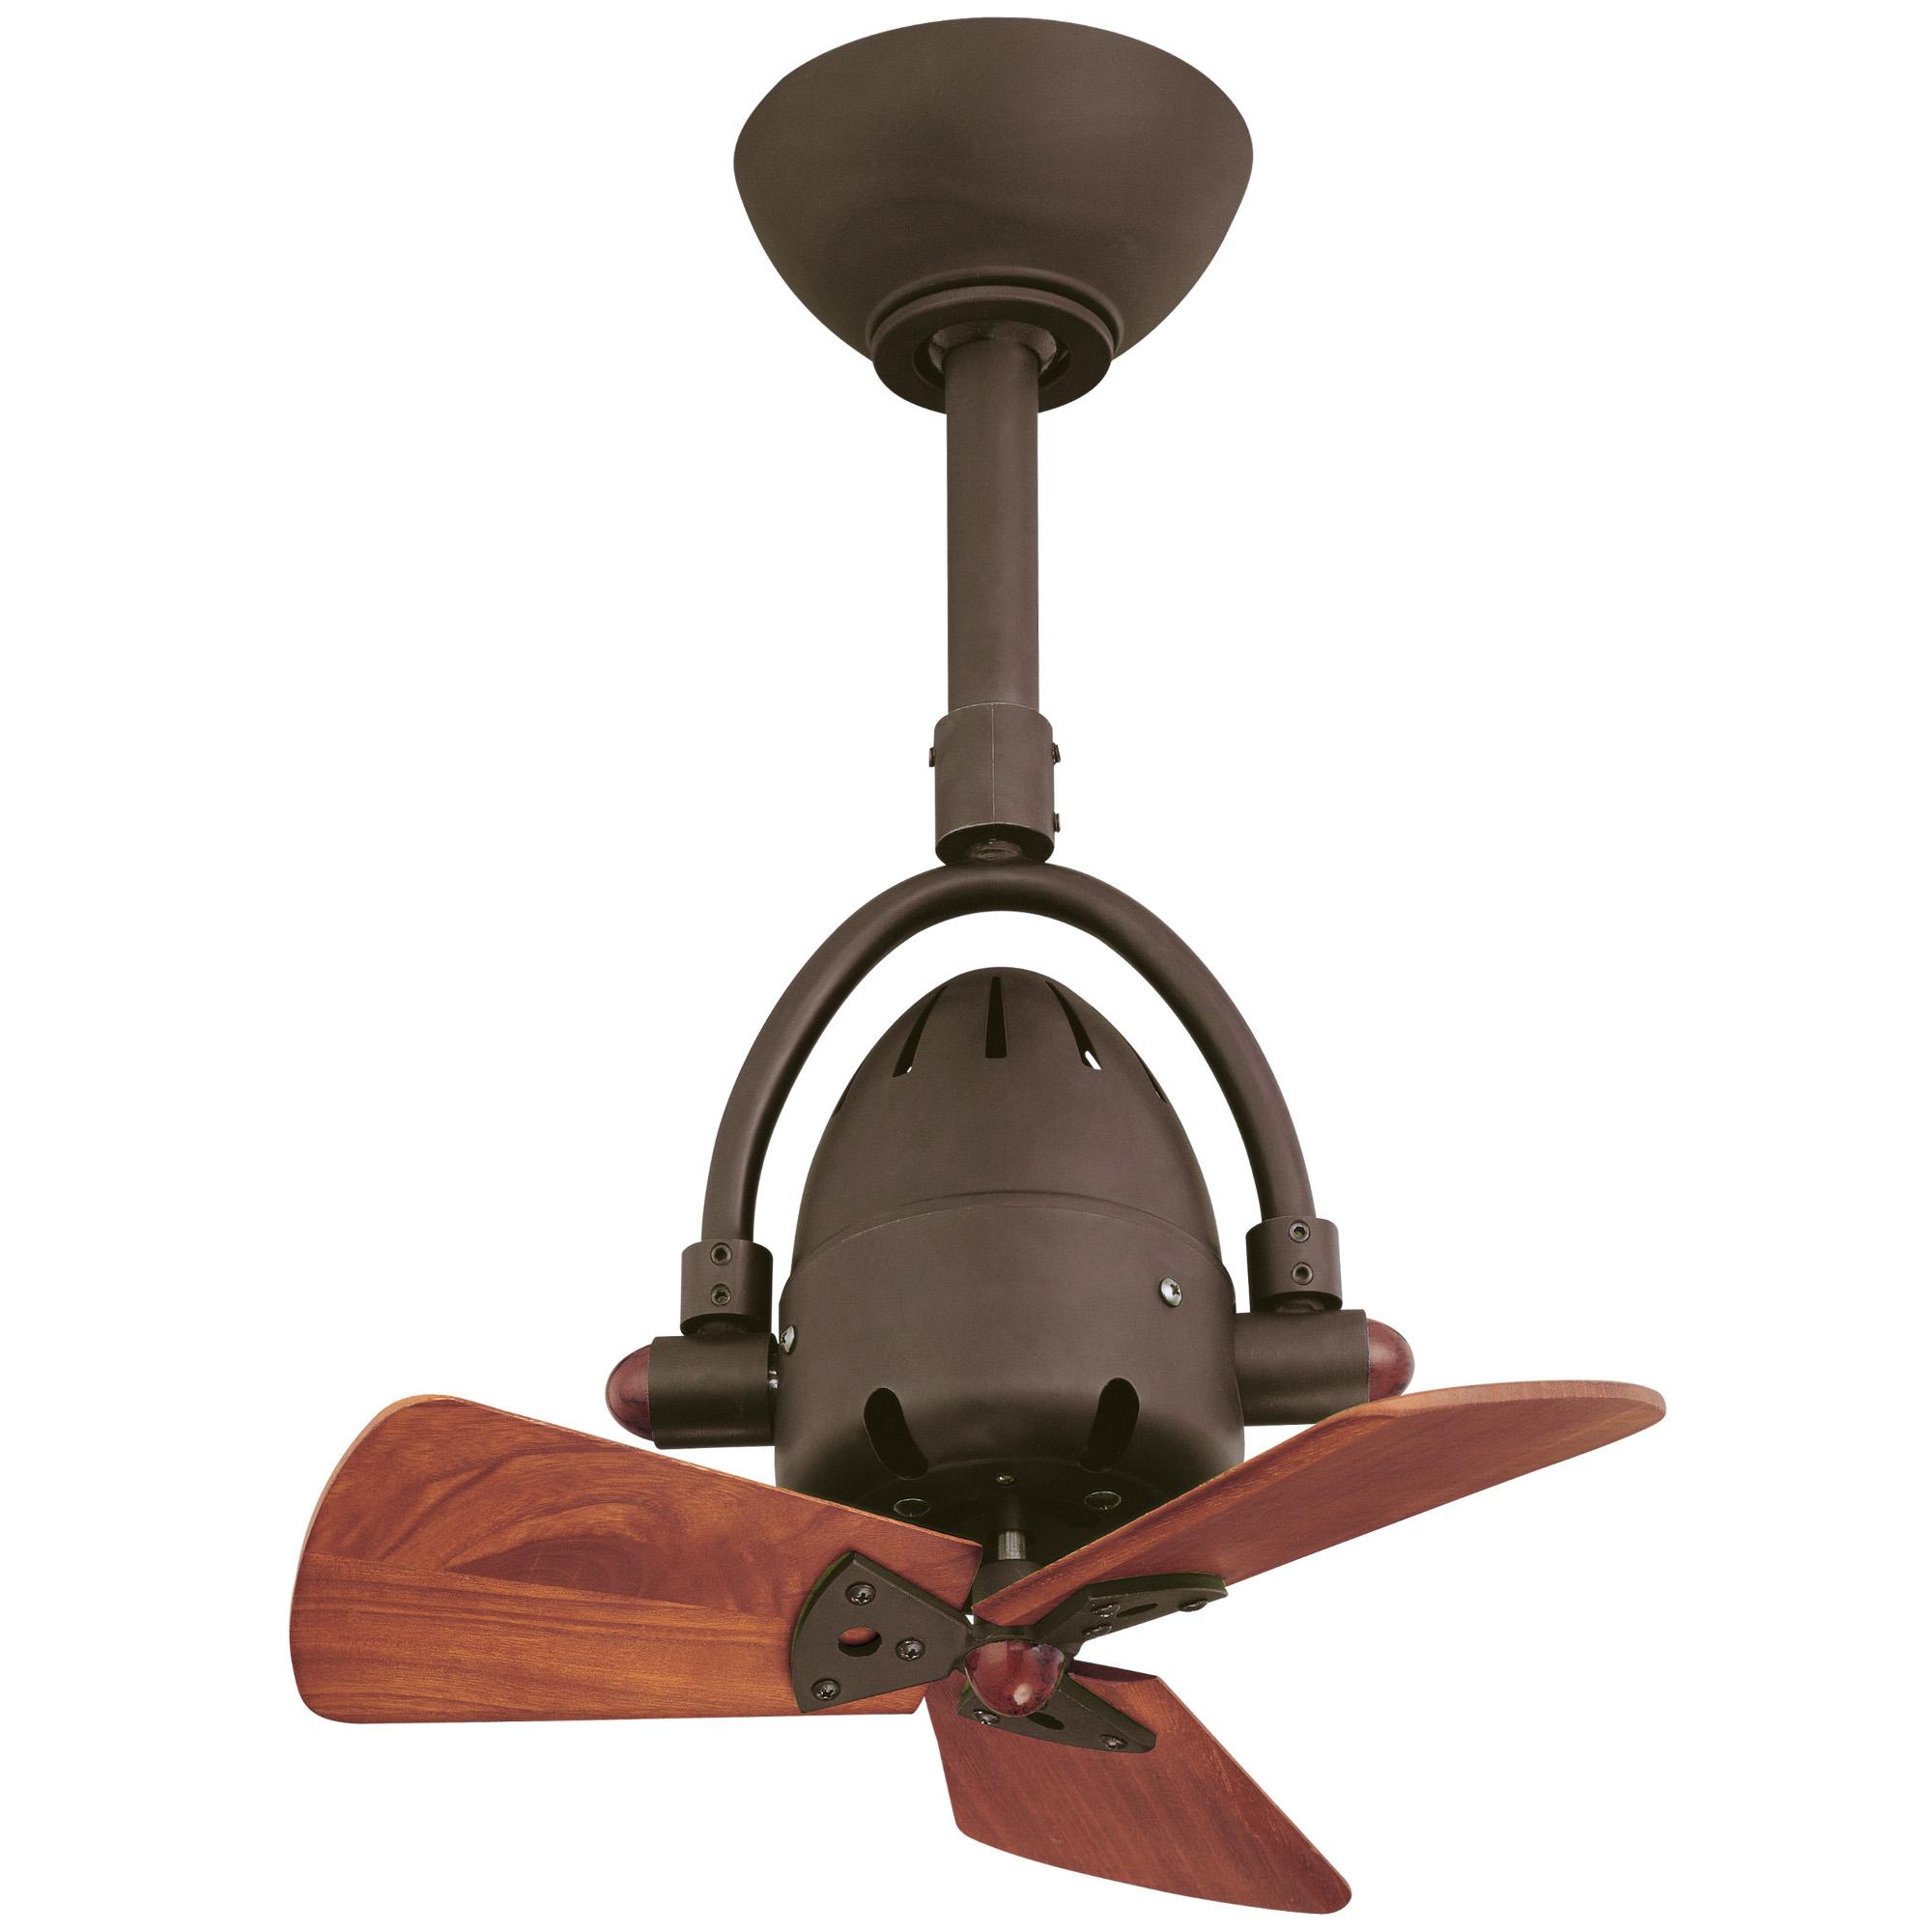 diane wood ceiling fan by matthews fan company di tb wd 10. Black Bedroom Furniture Sets. Home Design Ideas